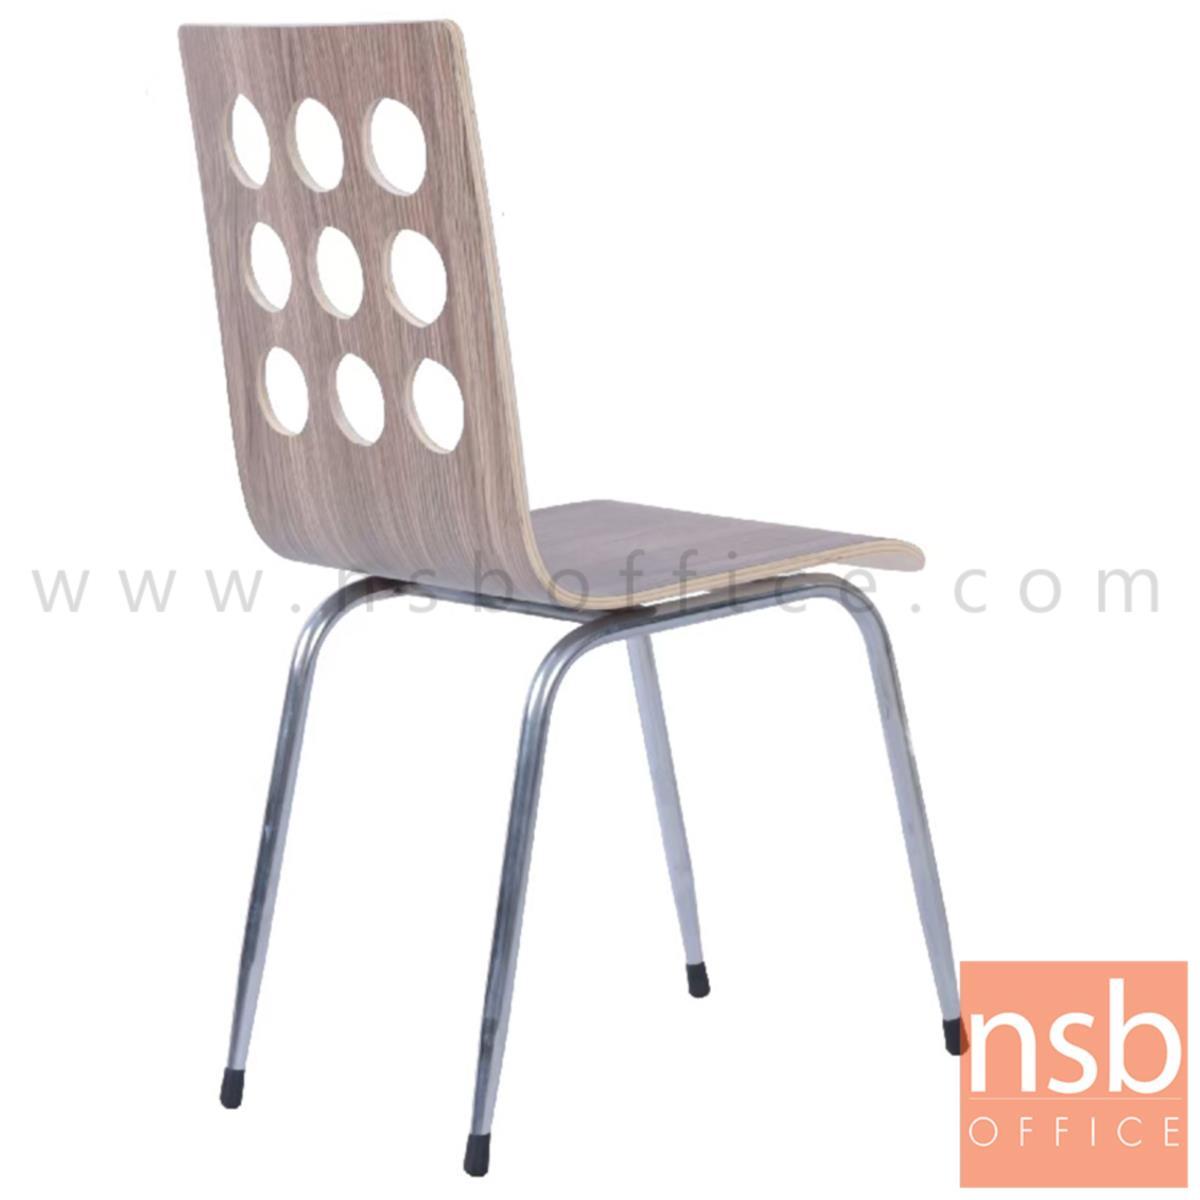 เก้าอี้อเนกประสงค์ไม้ รุ่น Quentin (เควนติน)  ขาเหล็กชุบโครเมี่ยม